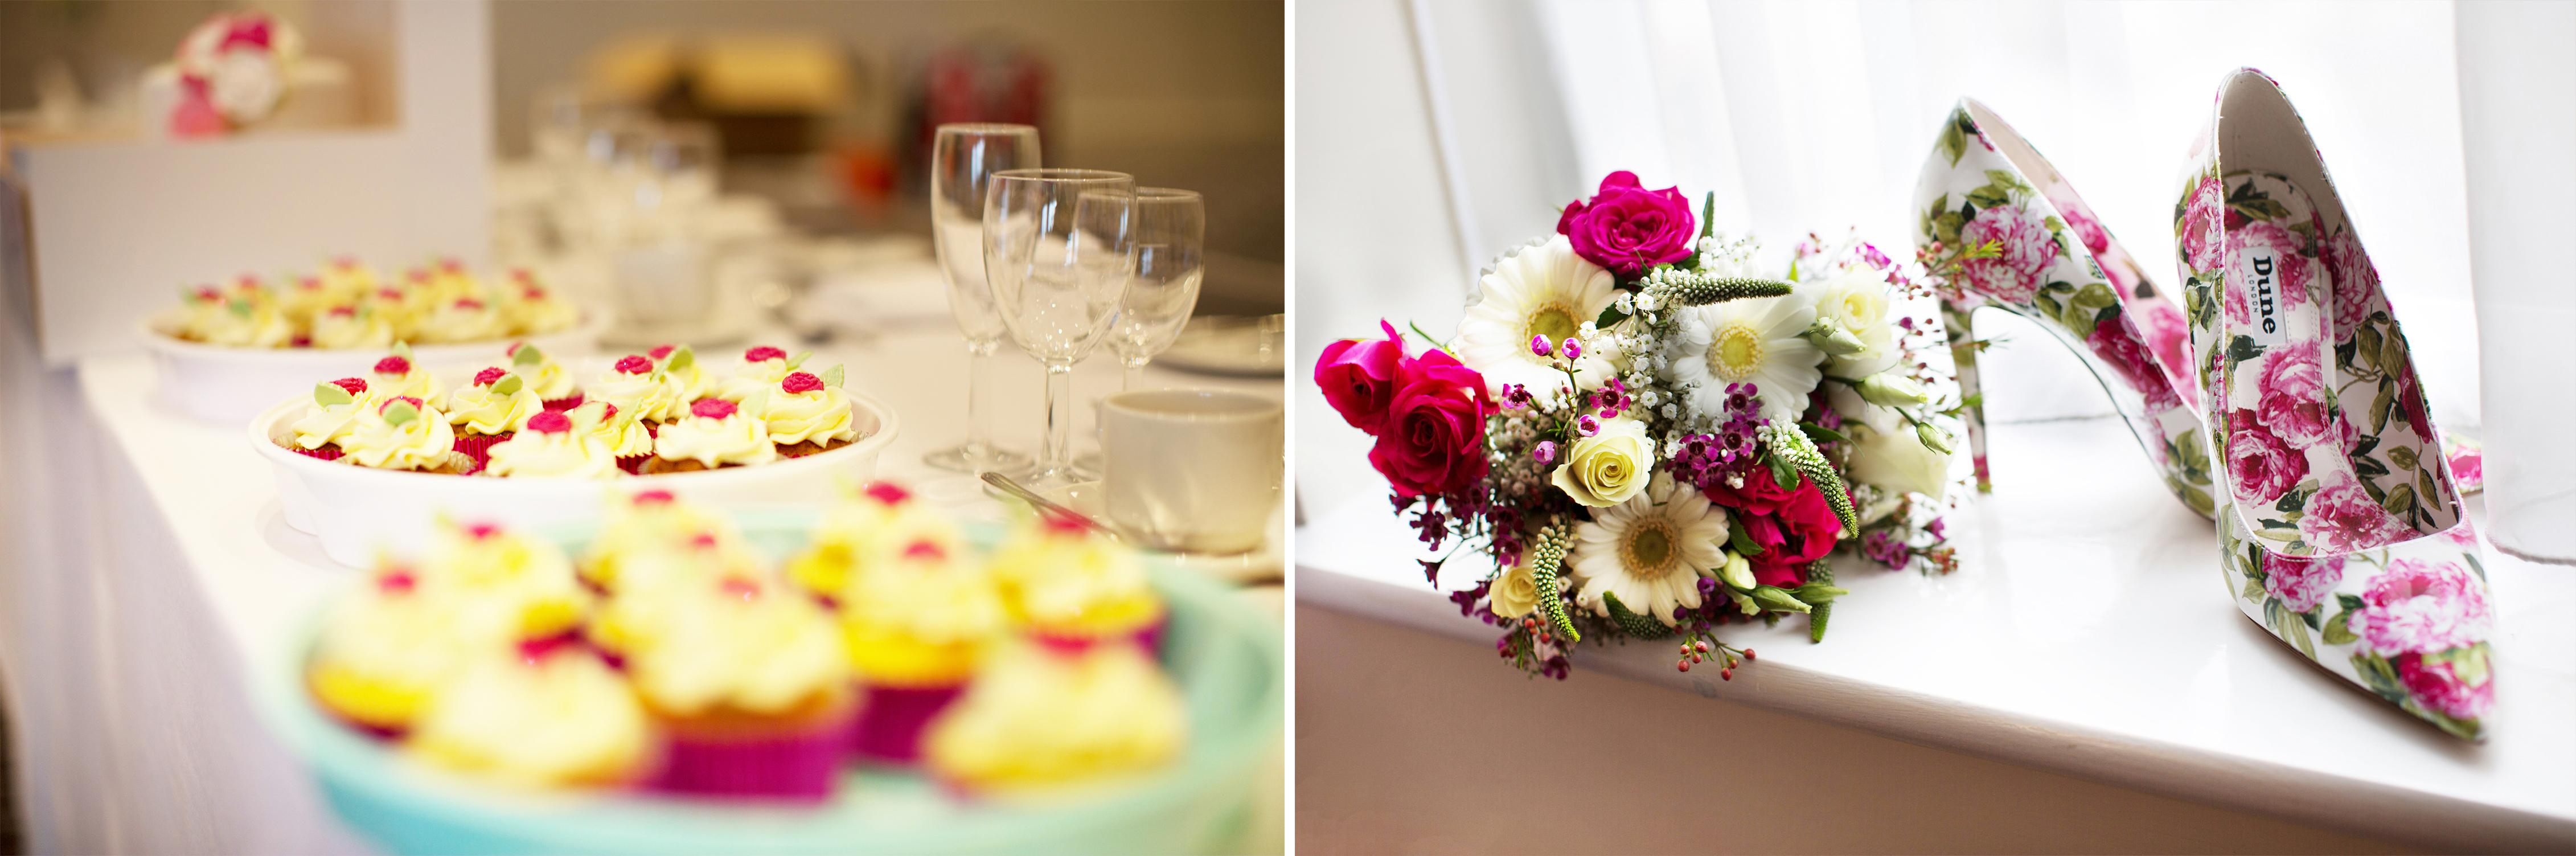 Cakes, Flowers & Shoes Wedding Wychwood Park